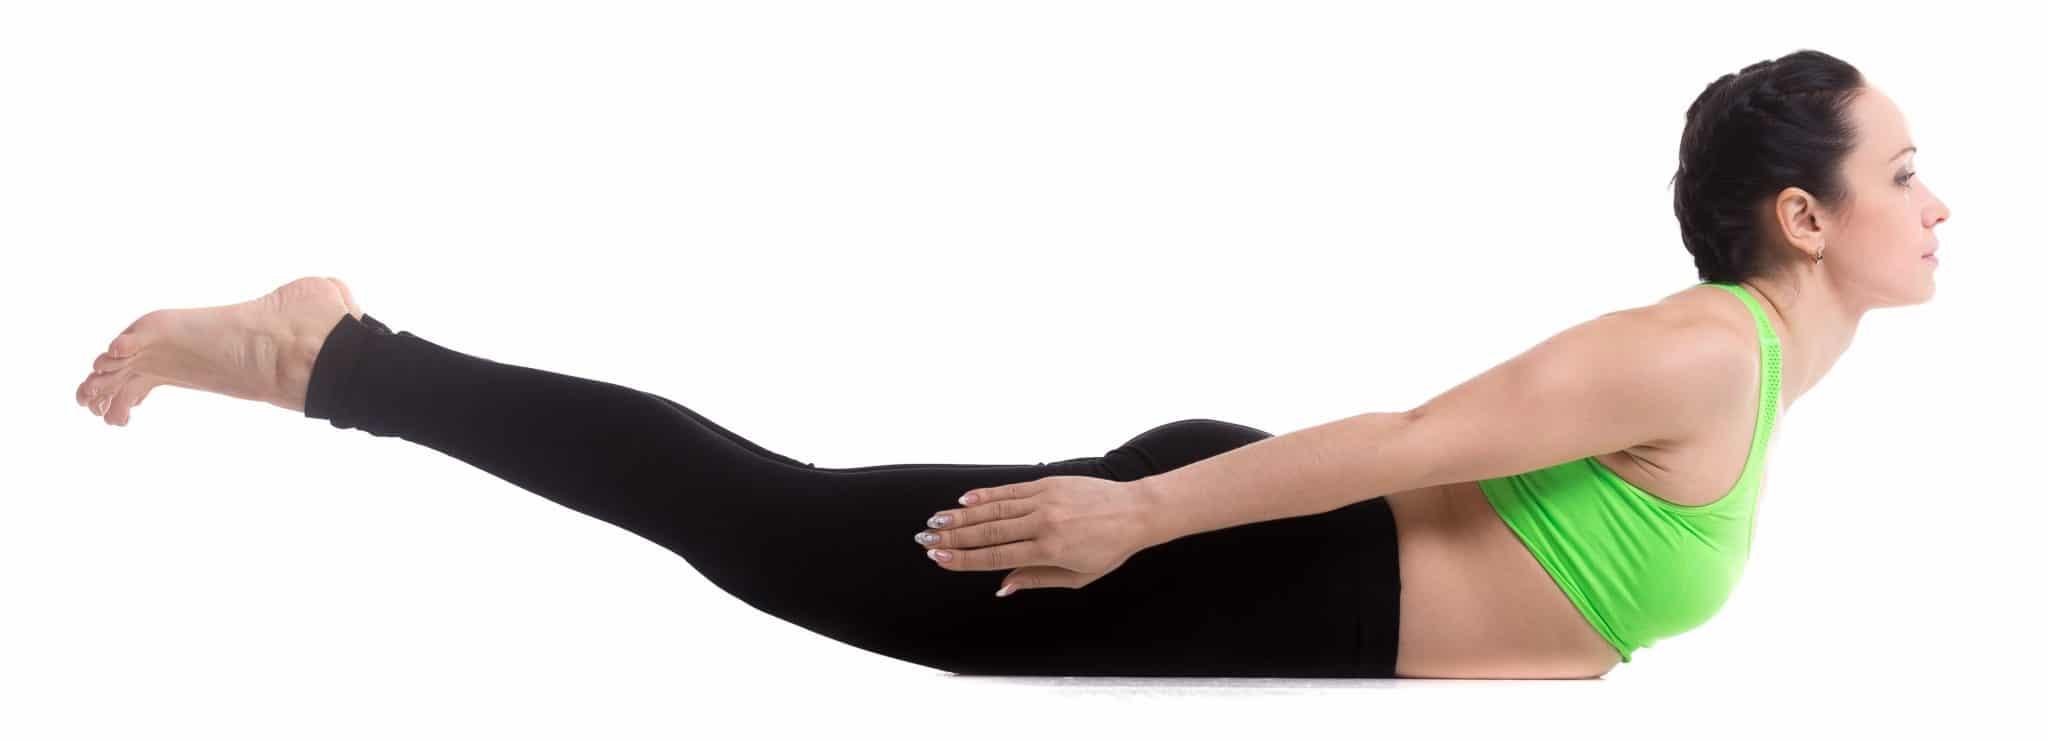 Как исправить сутулость в домашних условиях: упражнения и 66